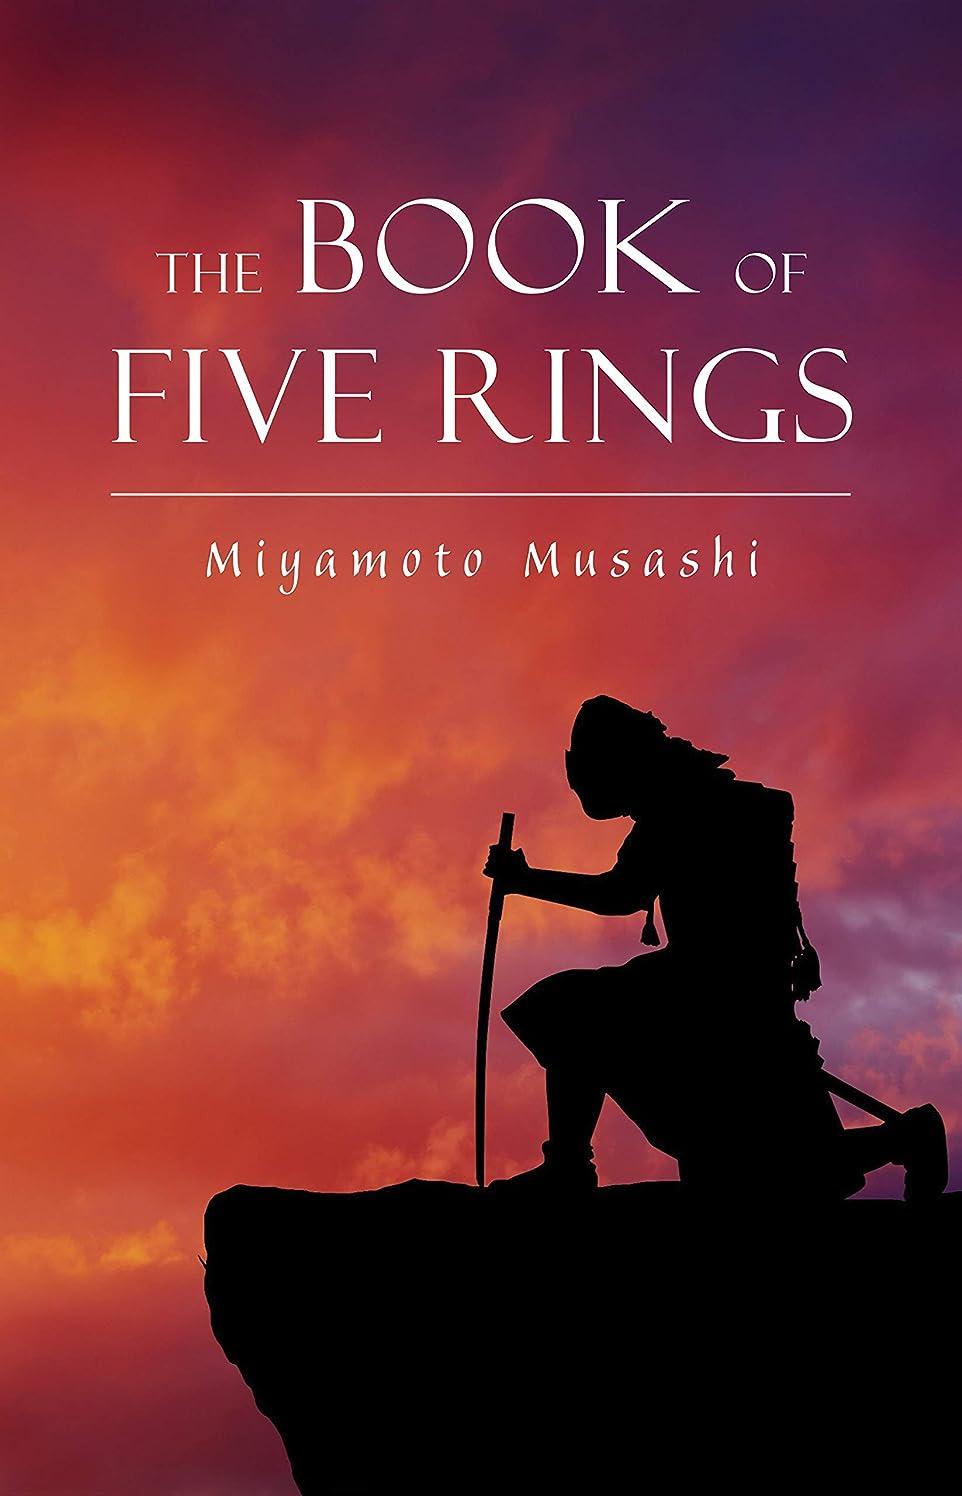 ラインファブリックスピーチThe Book of Five Rings (The Way of the Warrior Series) (English Edition)